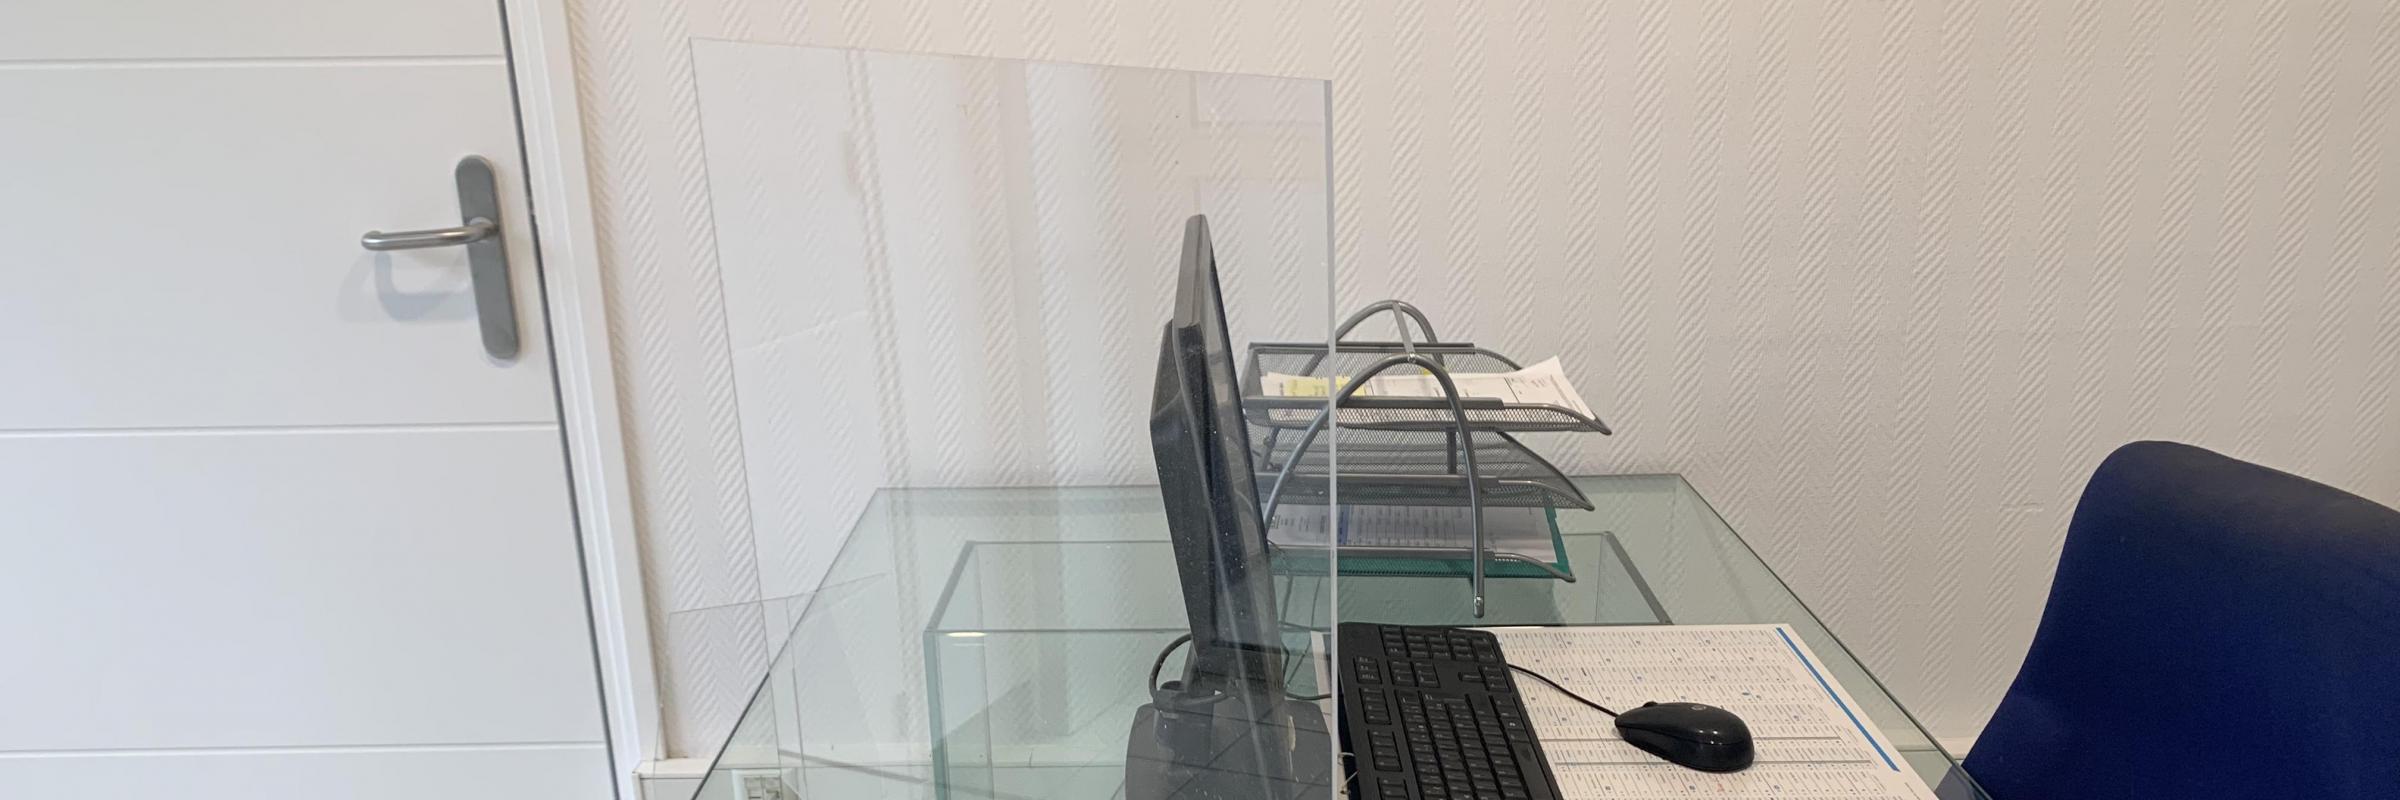 Fabrication d'Ecran de protection en plexiglass - Protégez-vous et protégez vos clients ! -